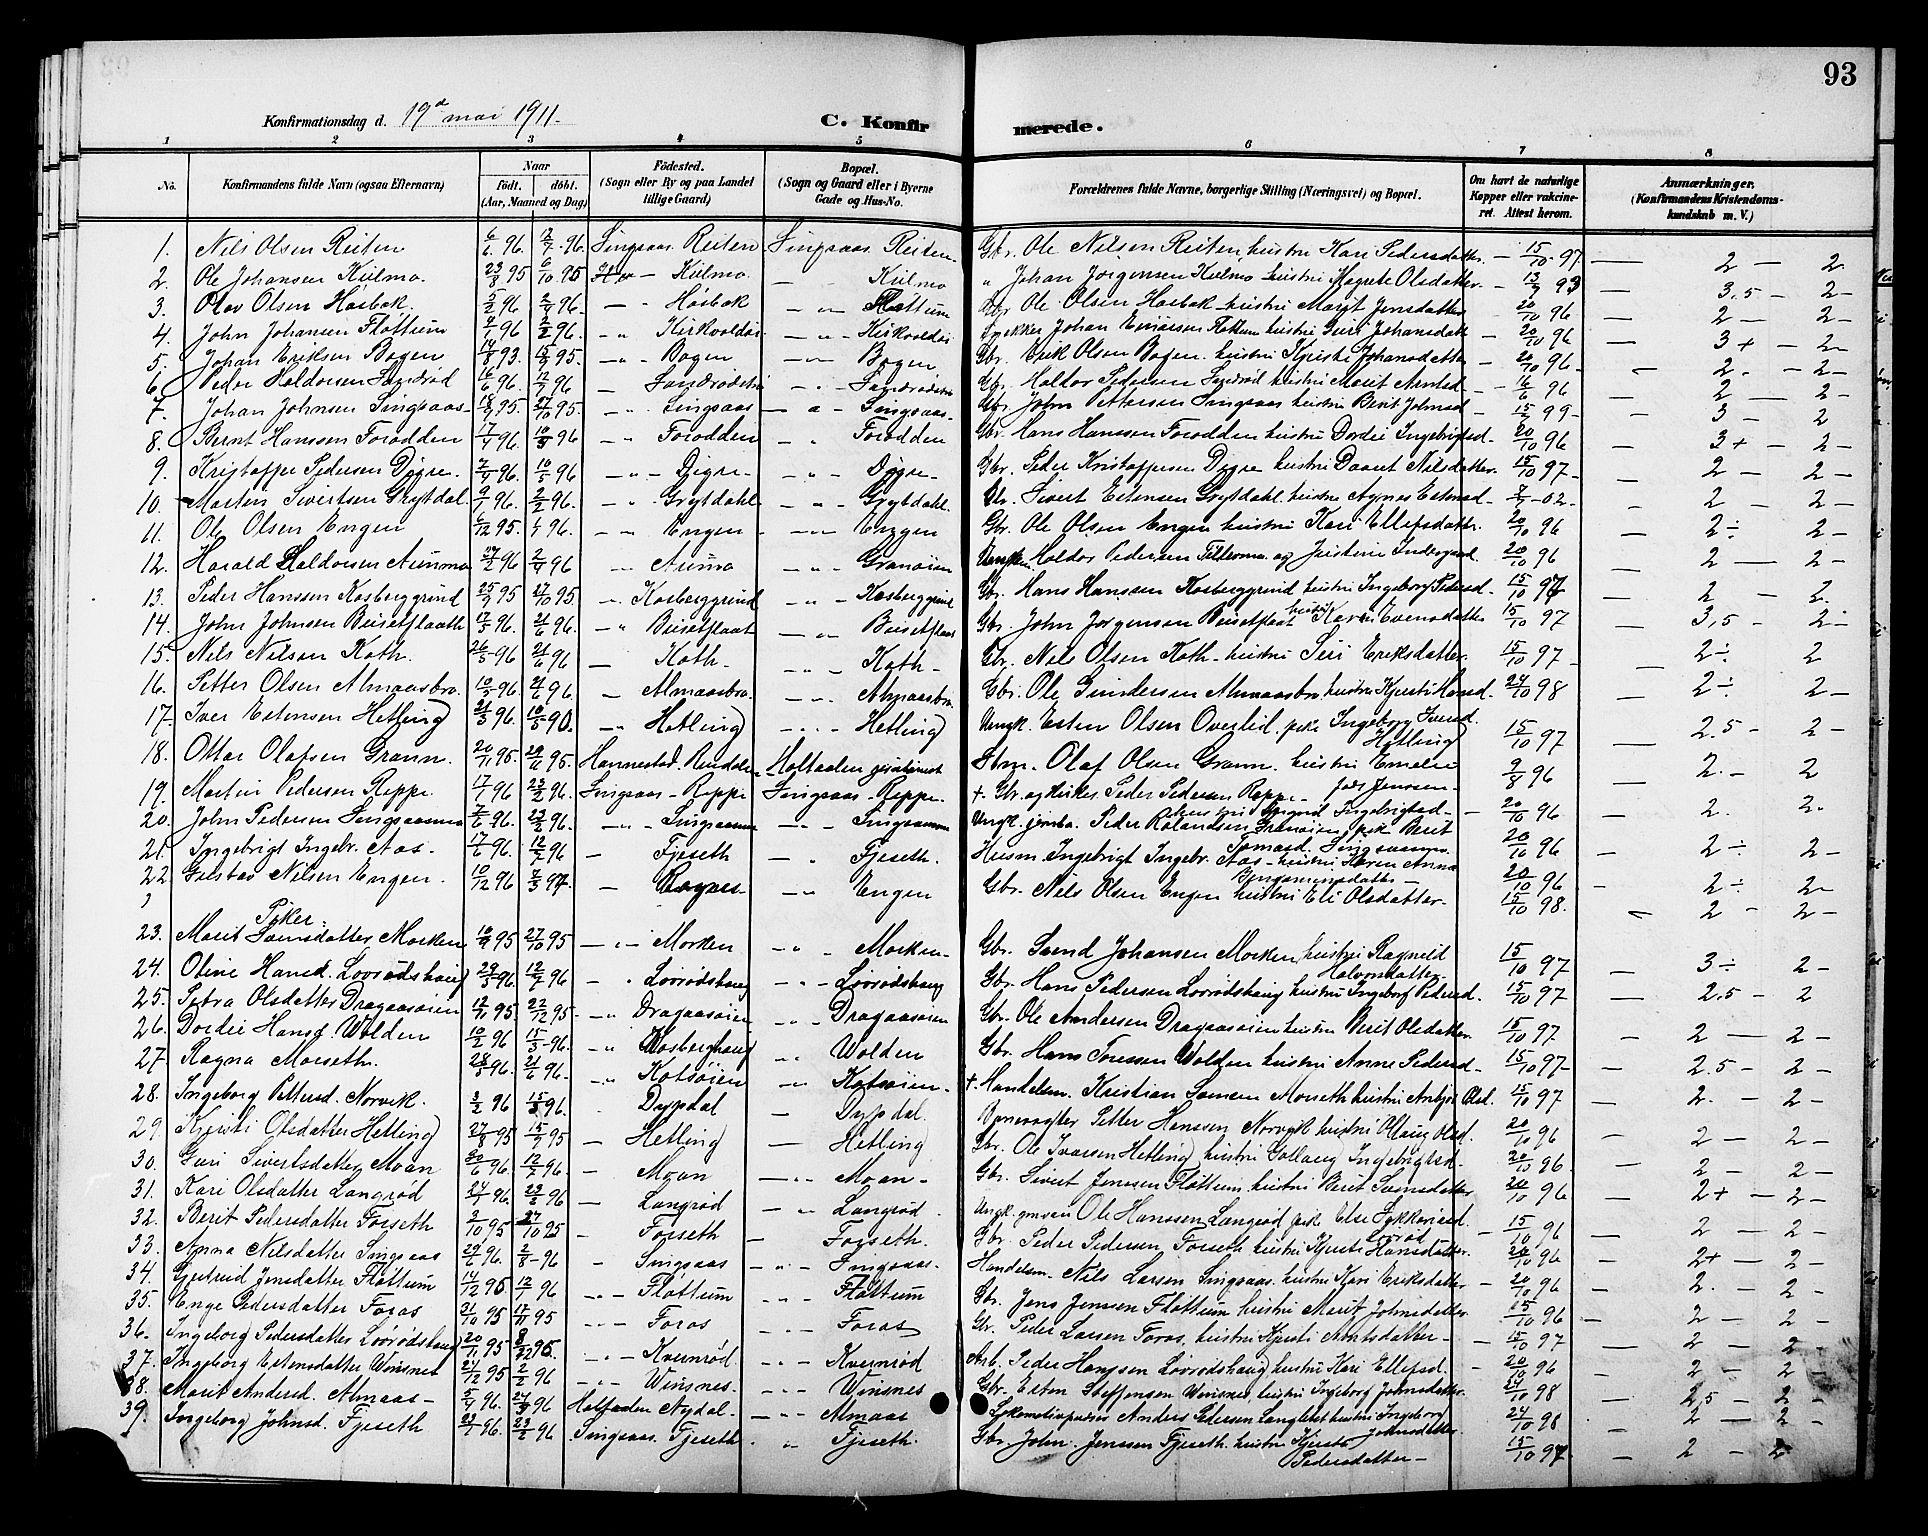 SAT, Ministerialprotokoller, klokkerbøker og fødselsregistre - Sør-Trøndelag, 688/L1029: Klokkerbok nr. 688C04, 1899-1915, s. 93